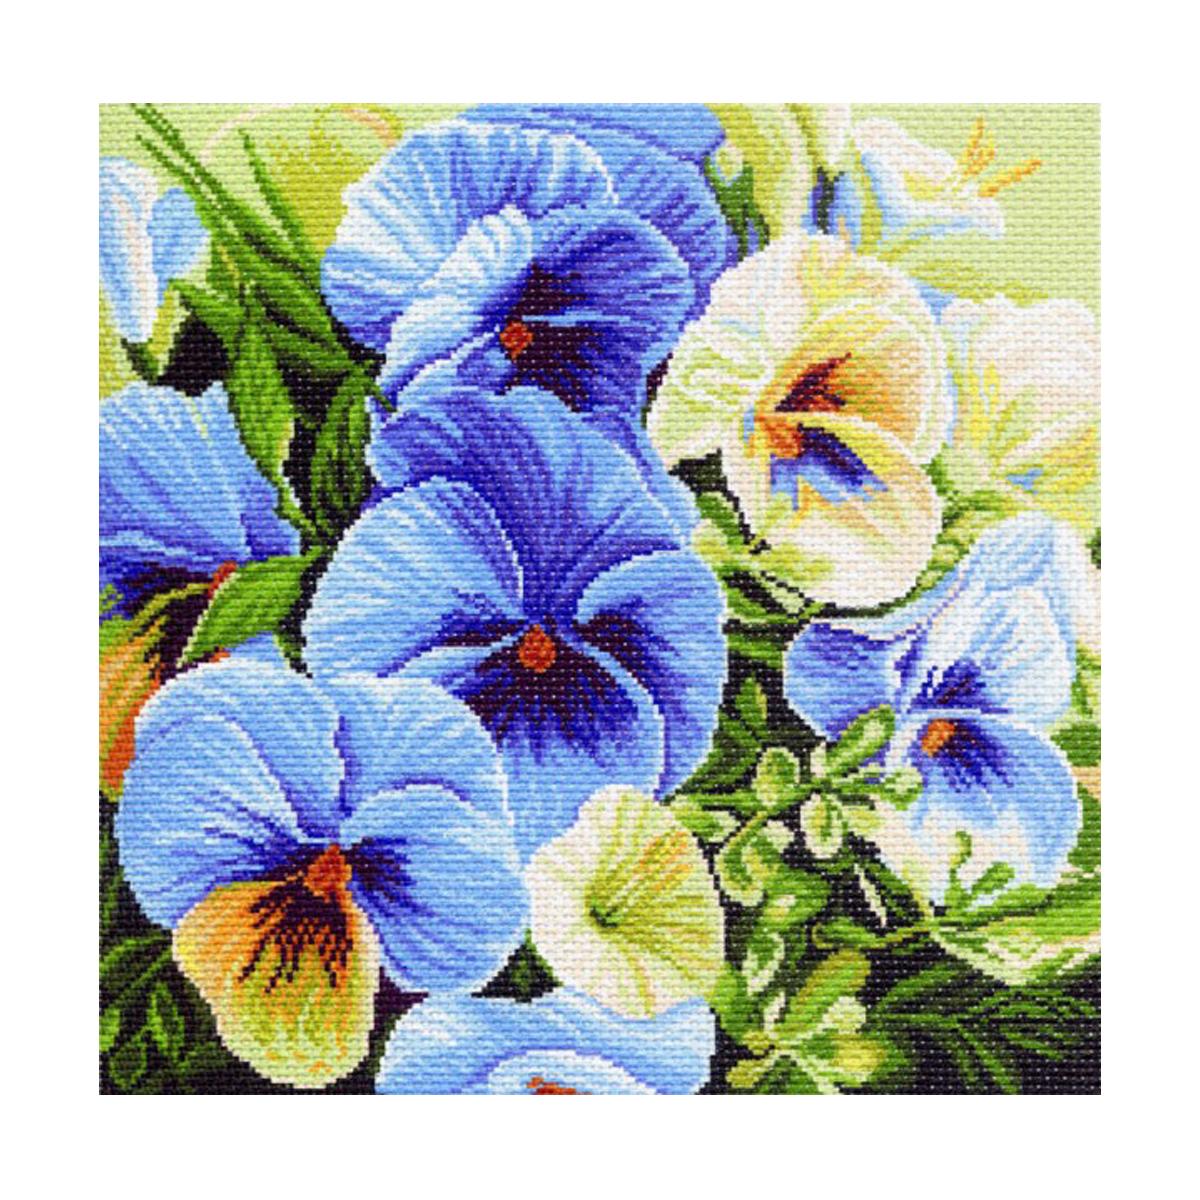 Канва с рисунком Матренин Посад Голубые россыпи, 41 см х 41 см. 1247551134Размер: 41x41 см Рисунок полностью напечатан на канве. Указана цветовая карта ниток. Вышивать рекомендуется мулине в 3 сложения.